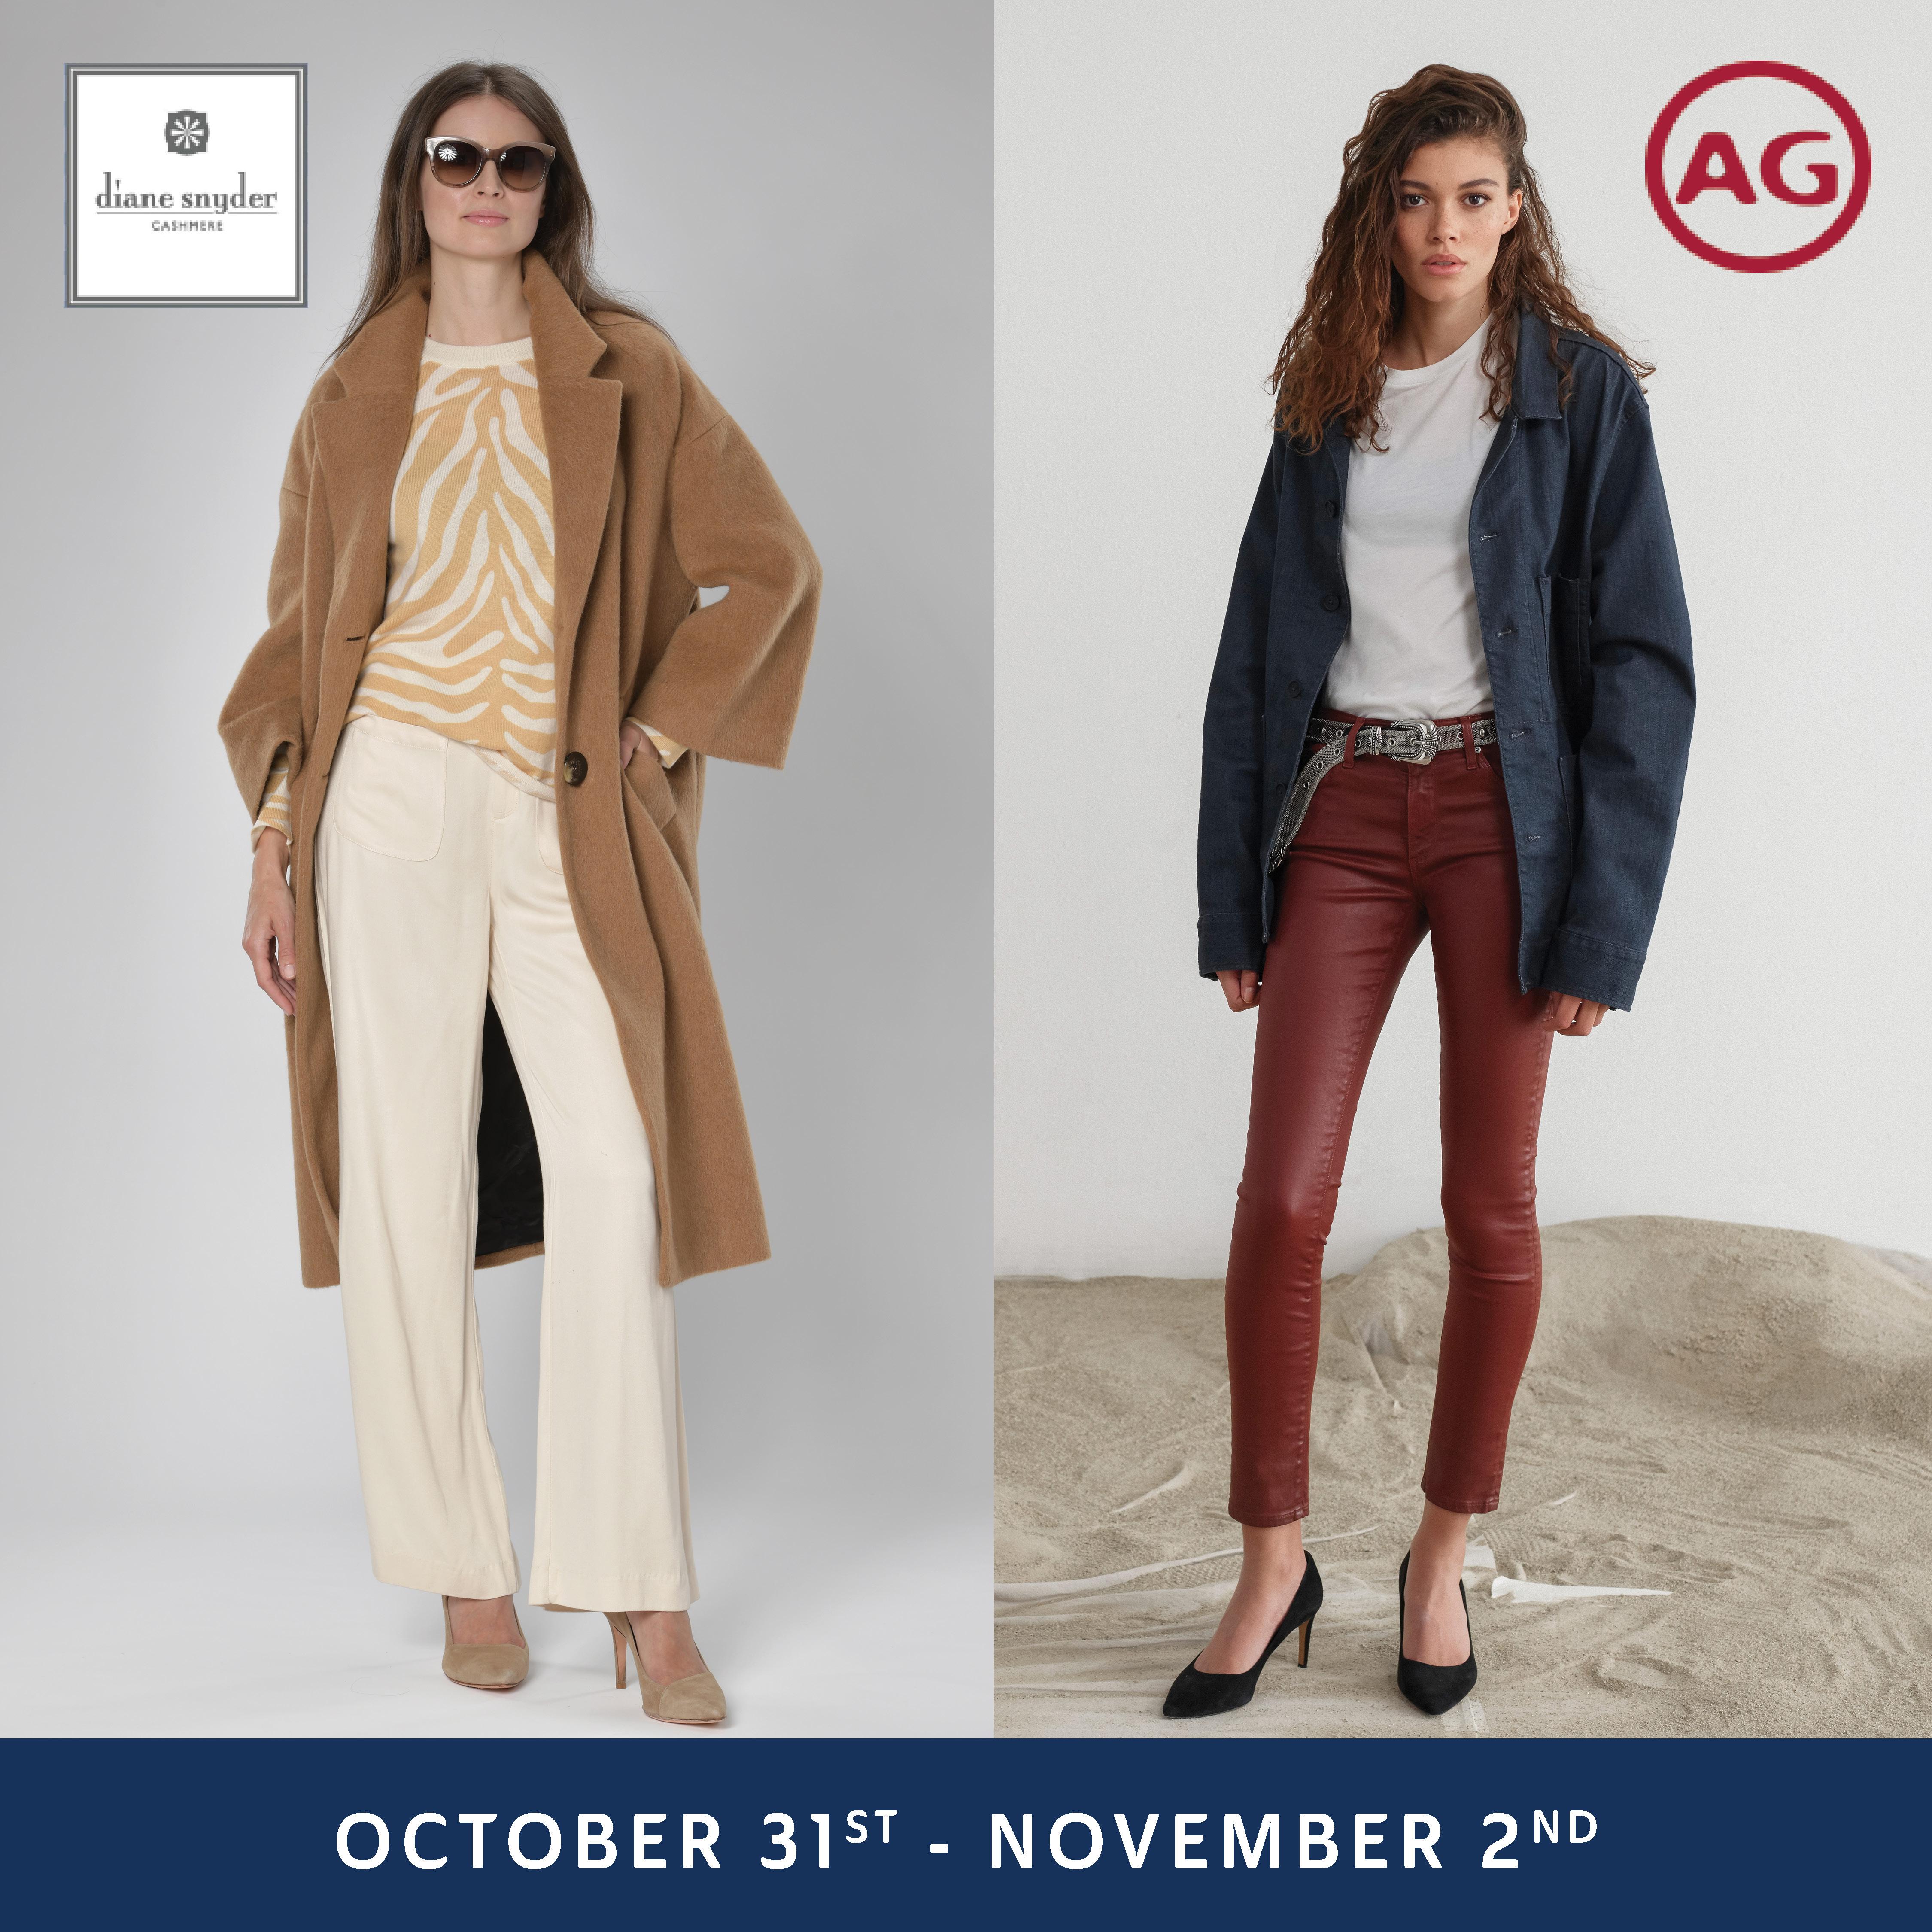 Diane Snyder Cashmere + AG Jeans